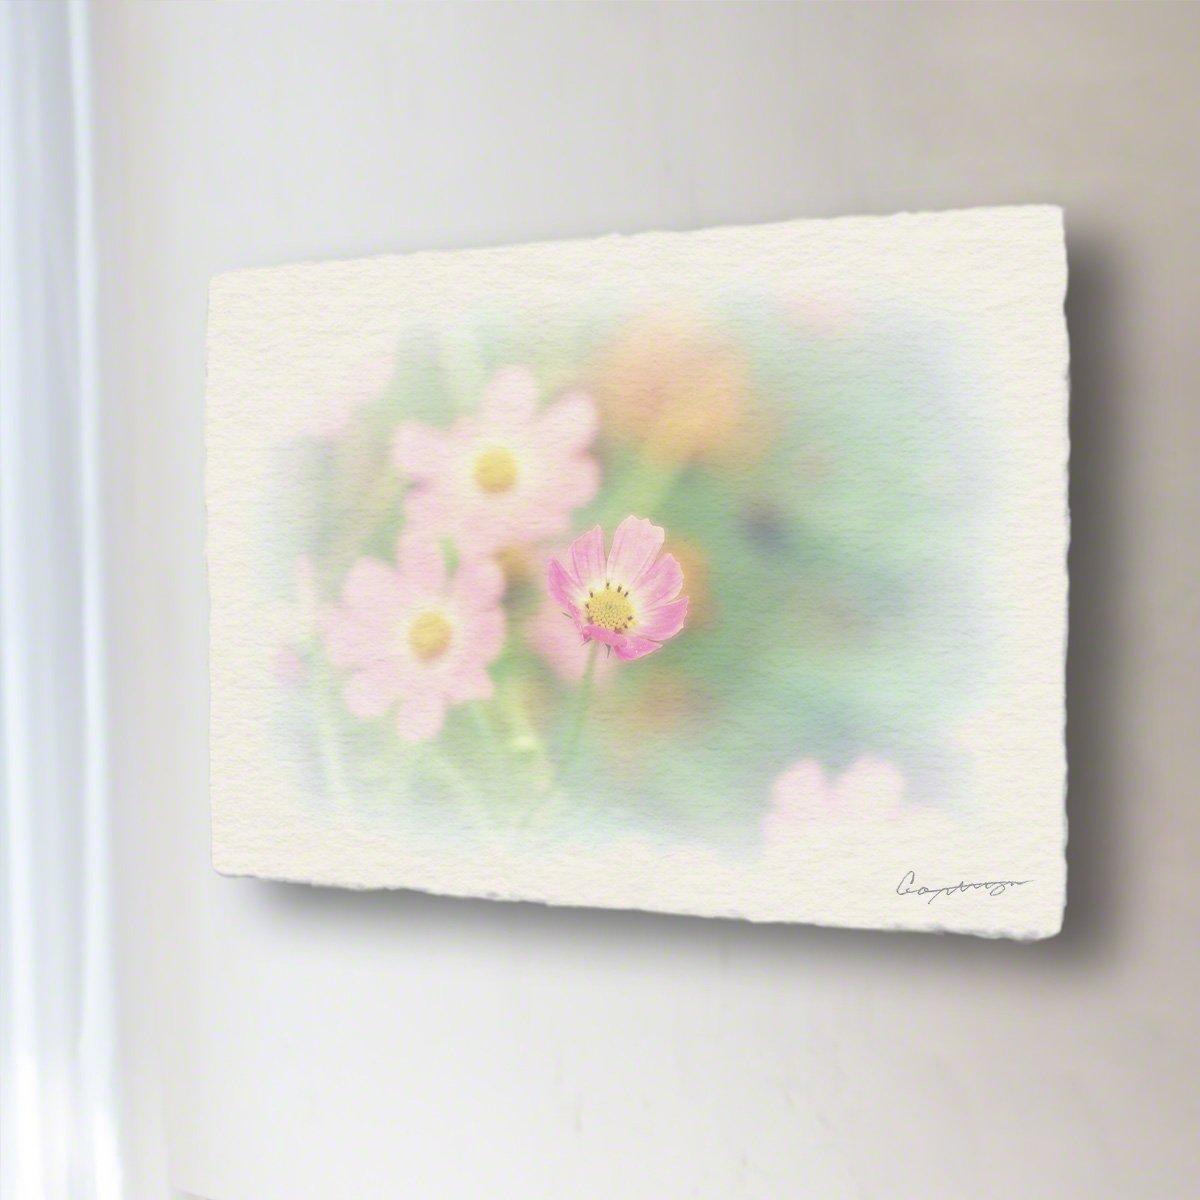 和紙 アートパネル 「開きかけたピンクの一輪のコスモス」 (18x13.5cm) 花 絵 絵画 壁掛け 壁飾り インテリア アート B07BHJ82P4 11.アートパネル(長辺18cm) 1980円|開きかけたピンクの一輪のコスモス 開きかけたピンクの一輪のコスモス 11.アートパネル(長辺18cm) 1980円